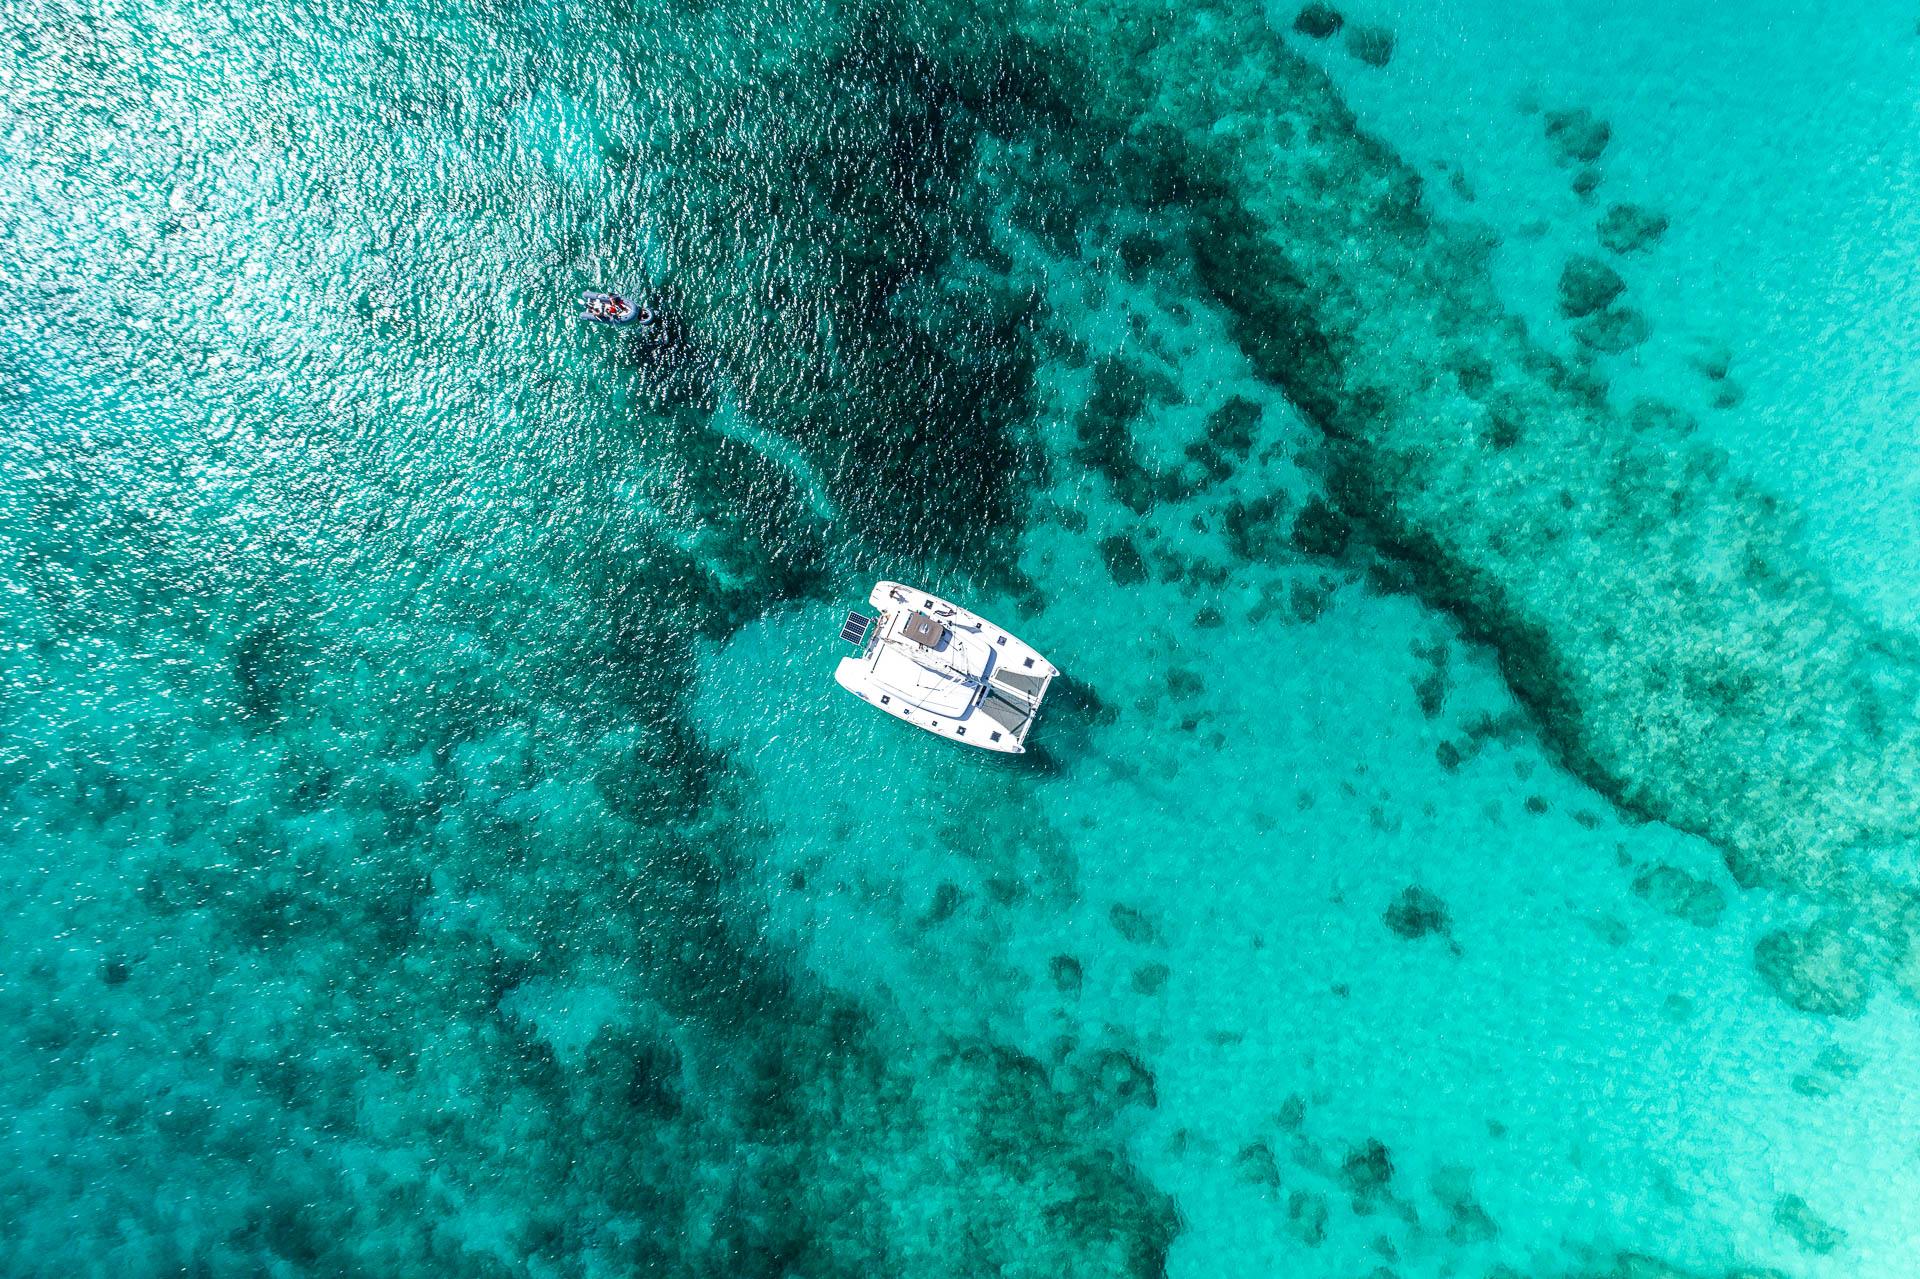 Photographie aérienne par drone aux antilles francaises